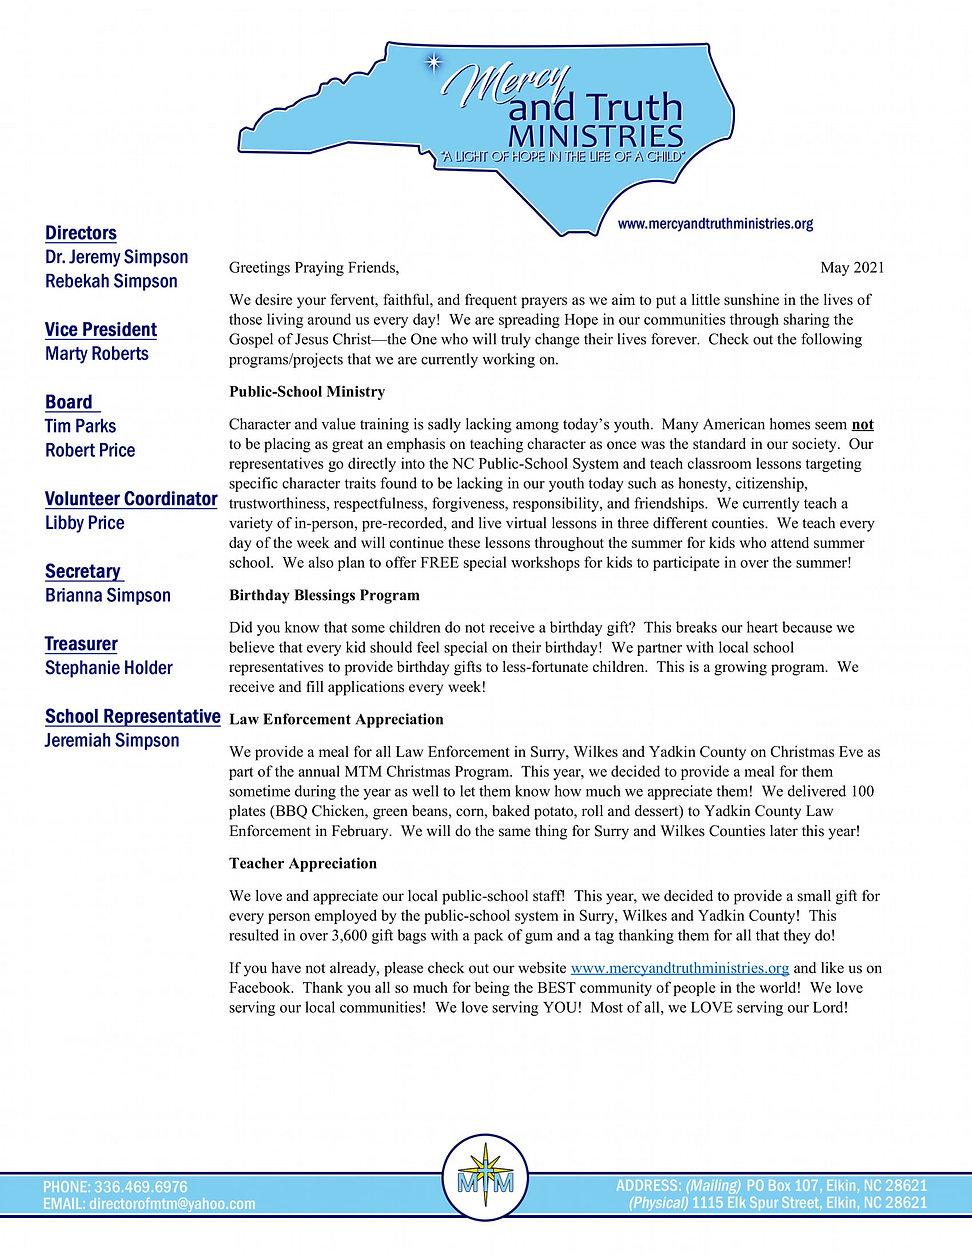 MTM Newsletter - May 2021 - JPG.jpg